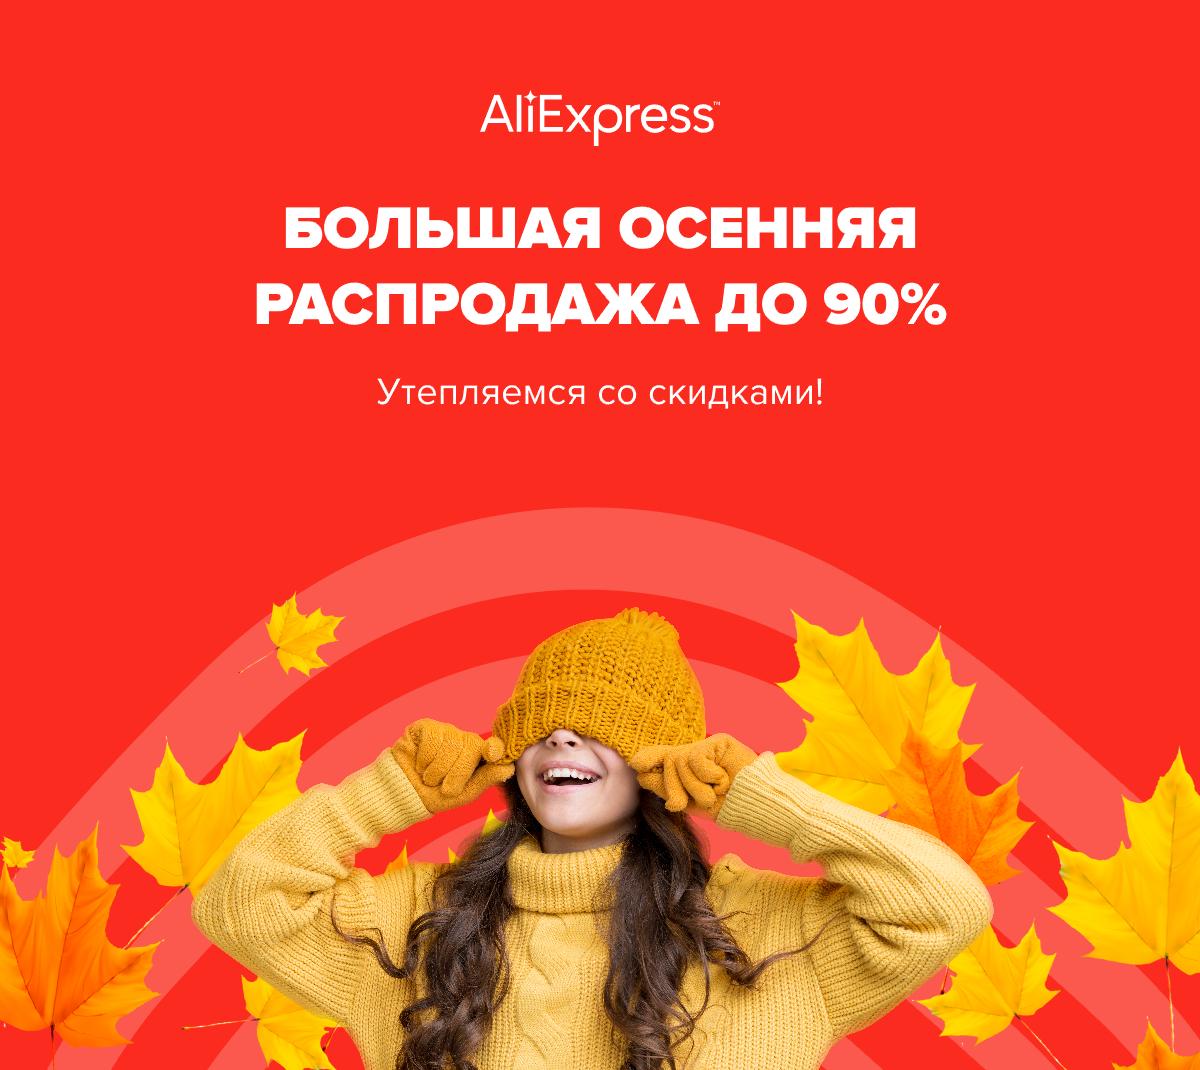 Осенняя распродажа на AliExpress в самом разгаре! Успей утеплиться к зиме со скидками до 90% и кэшбэком 6,46%🔁  👩 Женская одежда со скидками: https://t.co/cmoLN6MMLp  🧔 Мужская одежда со скидками: https://t.co/3pBFCFRTrm  Акция длится только до 6 сентября, 9:59 (МСК) ⏱️ https://t.co/q9isqjDKwb